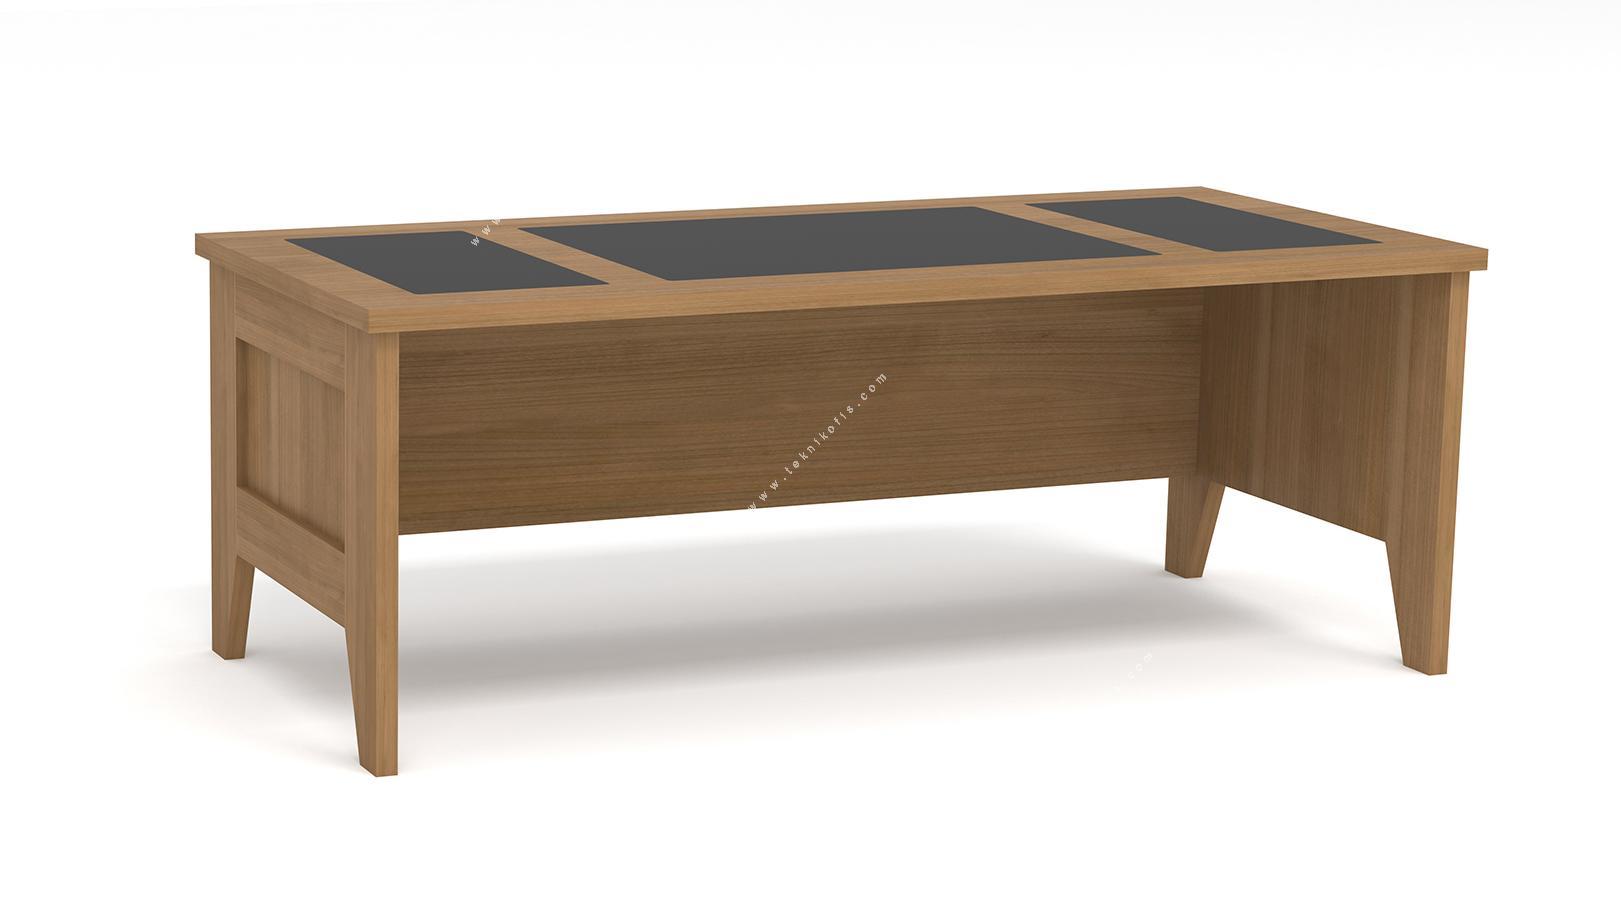 nevrada yönetici masası 200cm